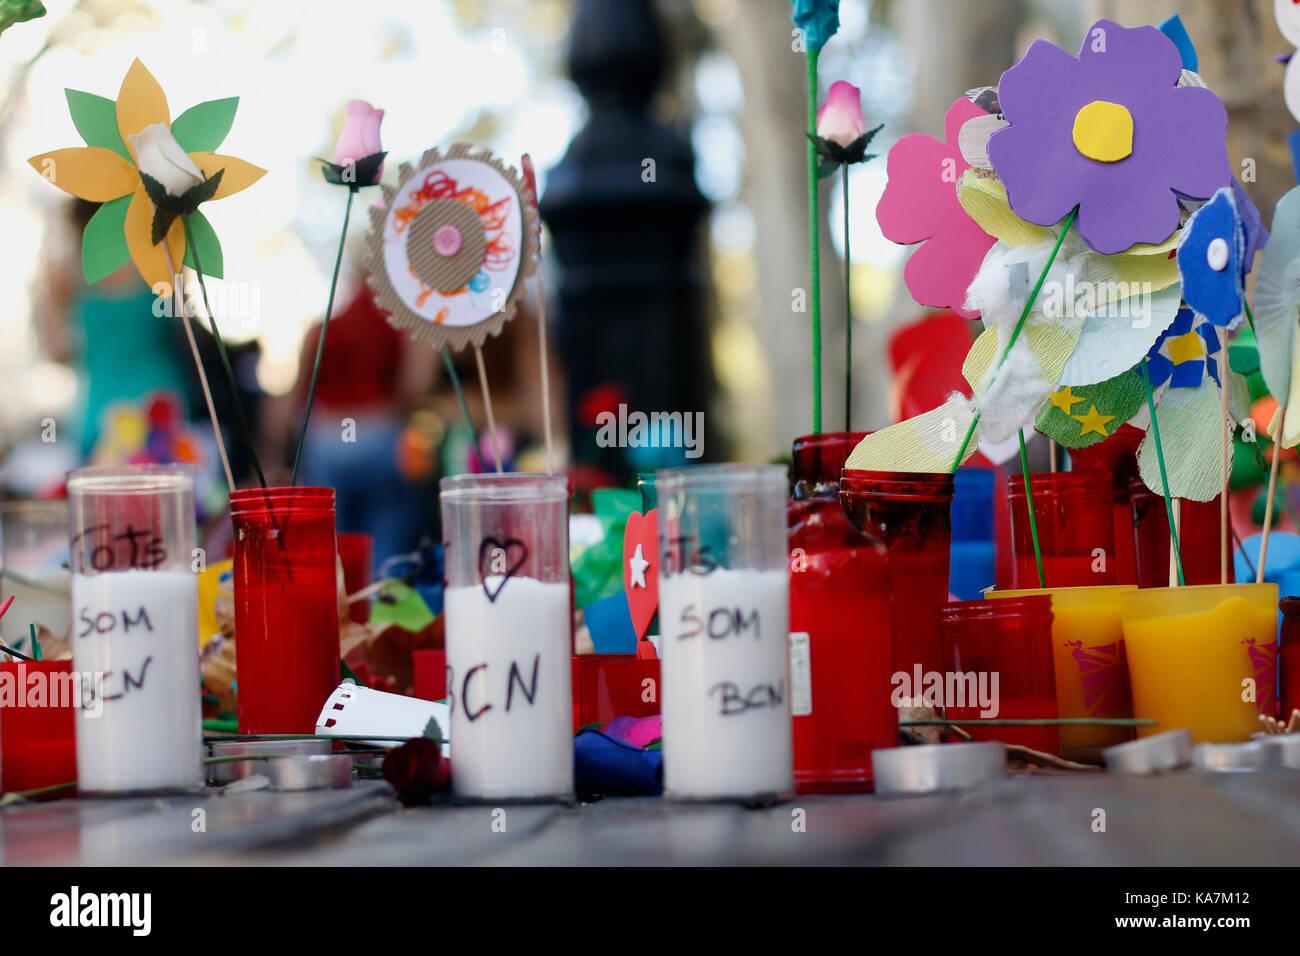 Barcelone/Espagne - 21 août 2017: les gens réunis sur la Rambla de Barcelone, où 17 août 2017 a été une attaque terroriste, donnant hommage à la mort d'au moins 15 victimes et plus de 120 blessés Banque D'Images